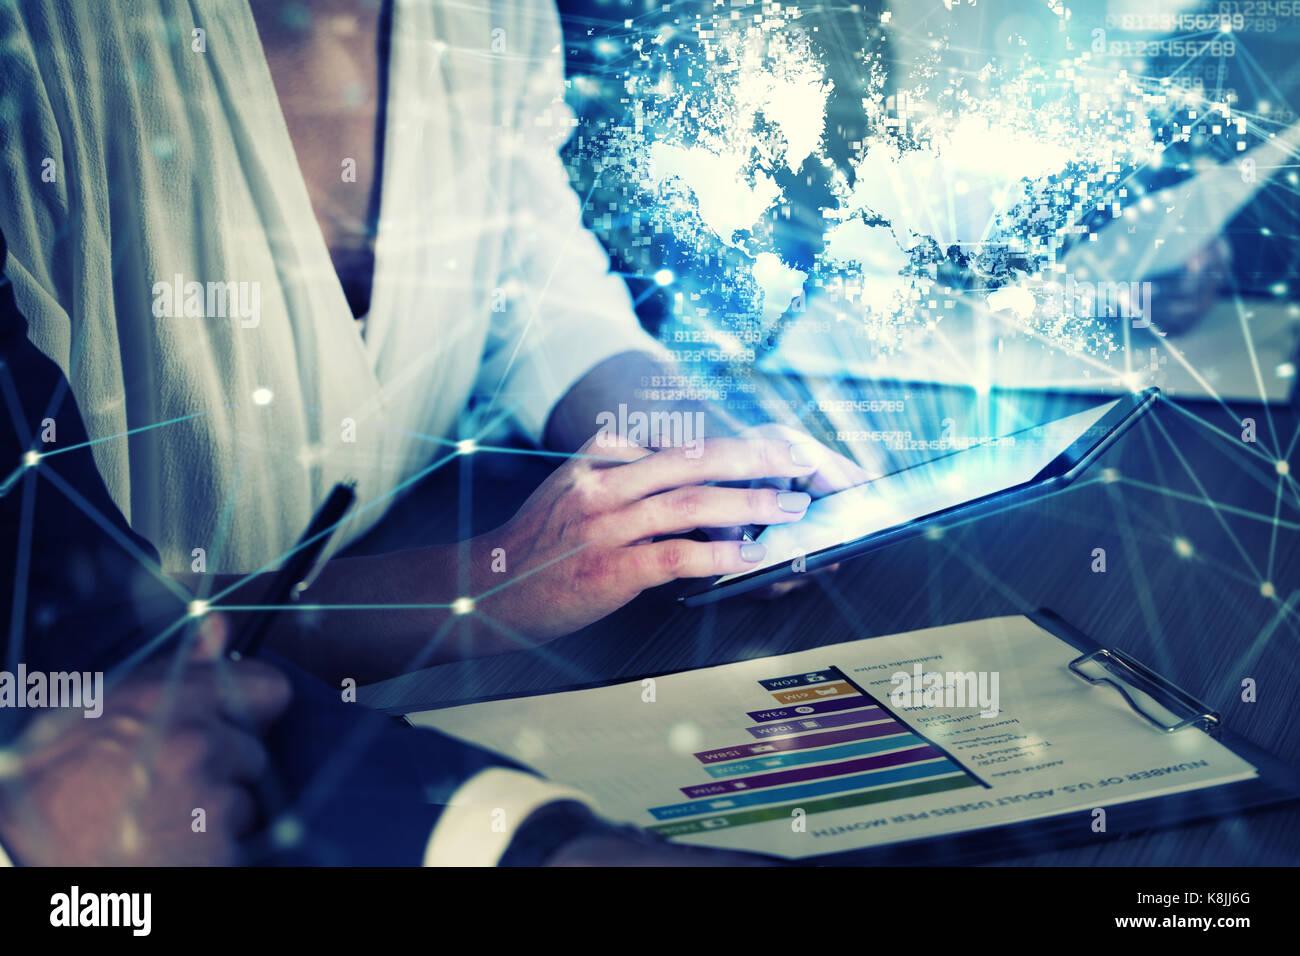 Unternehmer im Büro im Internet Netzwerk mit Tablet verbunden. Konzept der Partnerschaft und Zusammenarbeit. Stockfoto